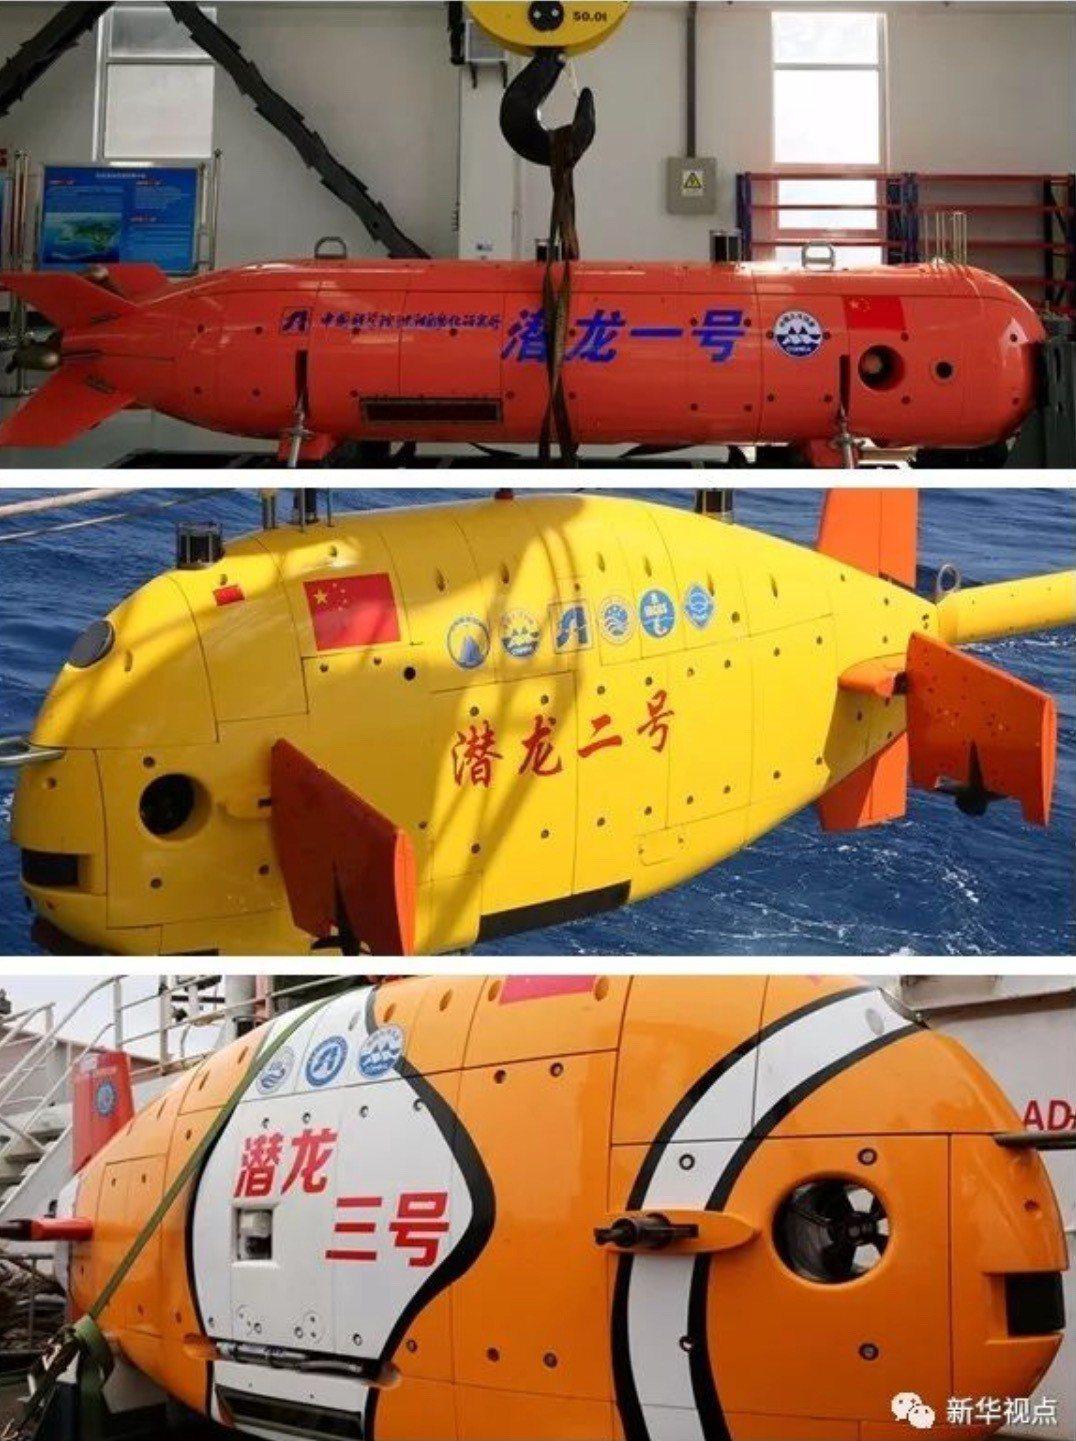 大陸無人潛水艇「三兄弟」外型比較。圖/取自微信公眾號「新華視點」